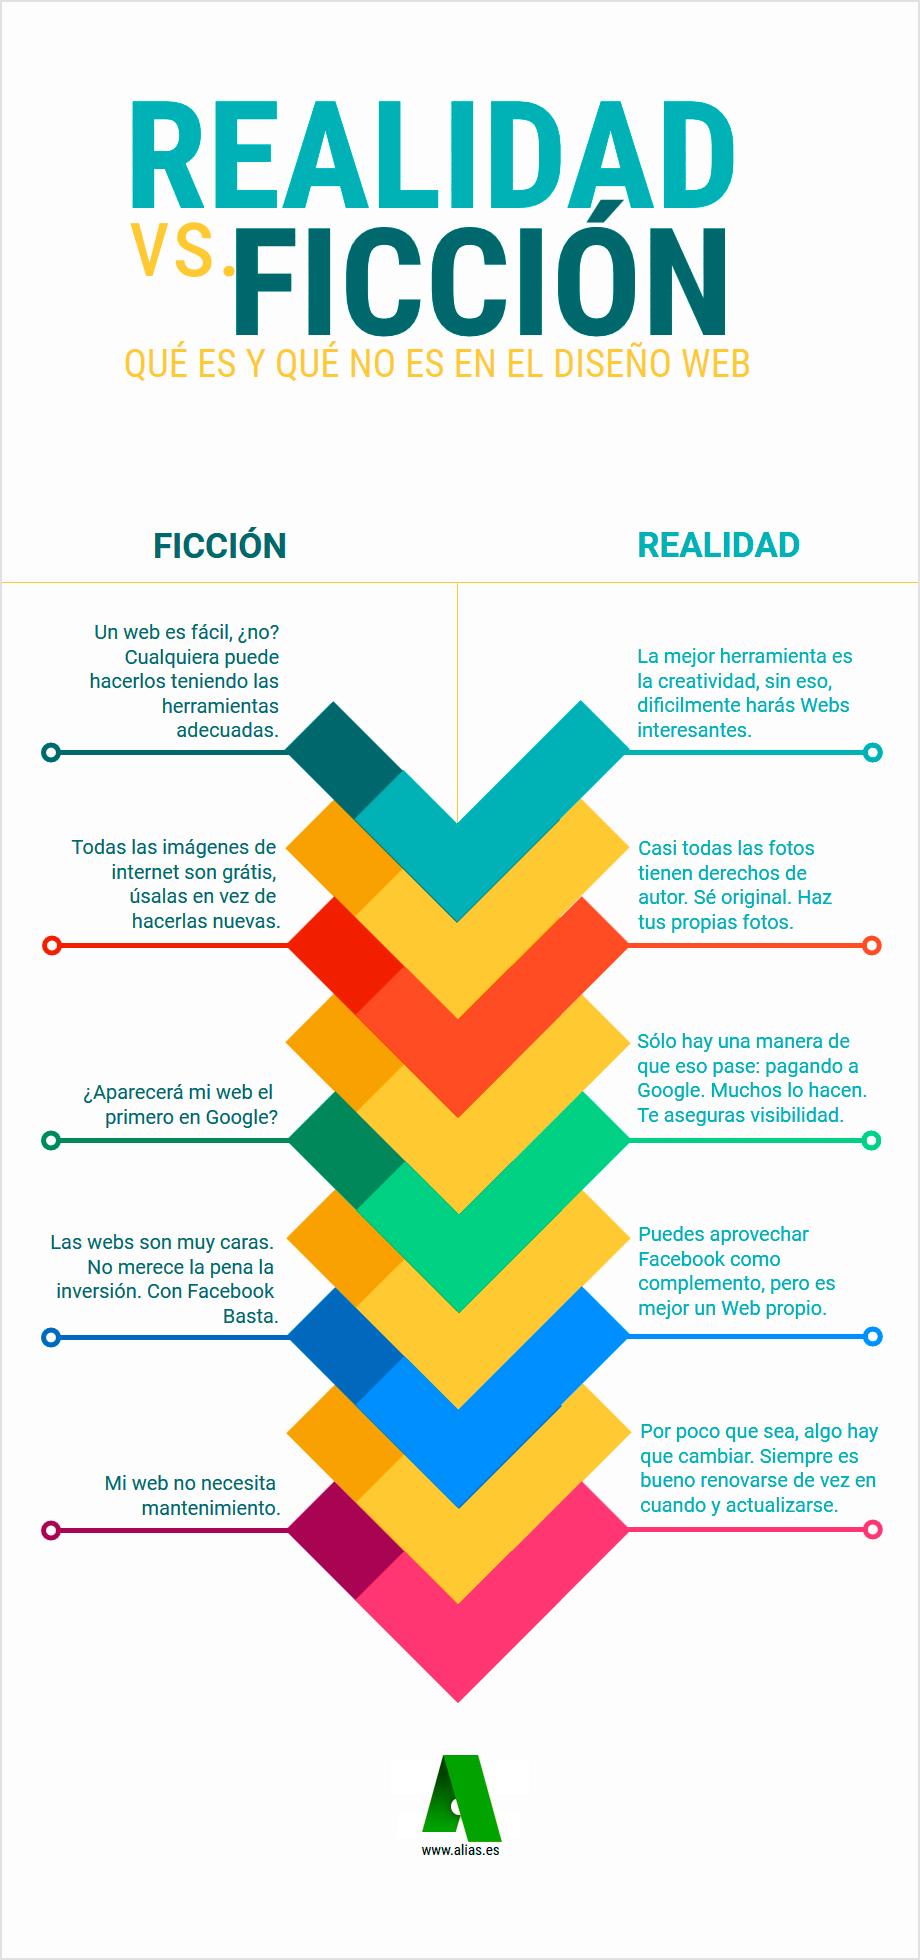 Realidad vs Ficción en el diseño web